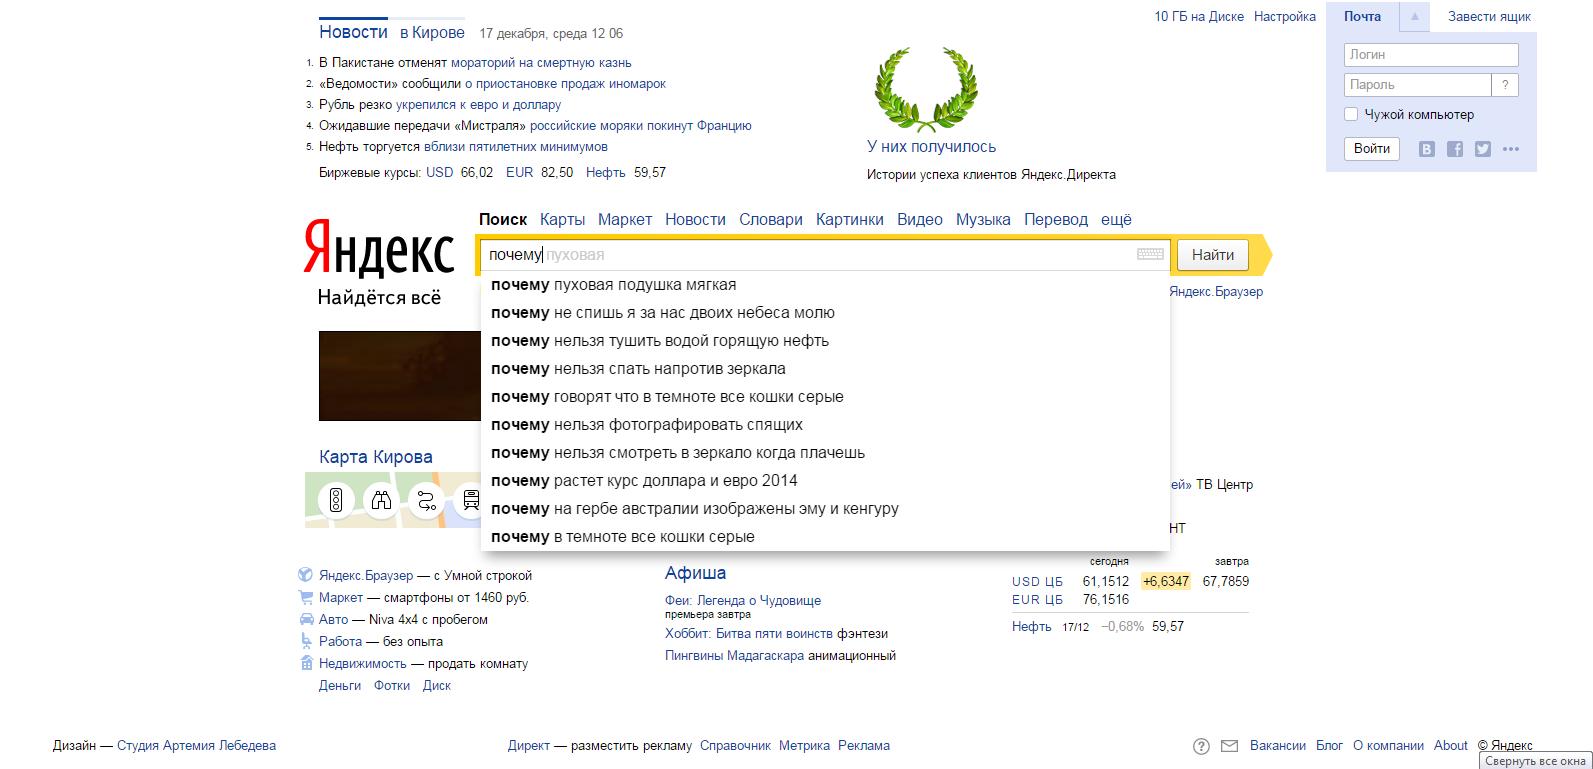 Темы года в поиске «Яндекса»: о чем чаще всего спрашивают в Интернете?